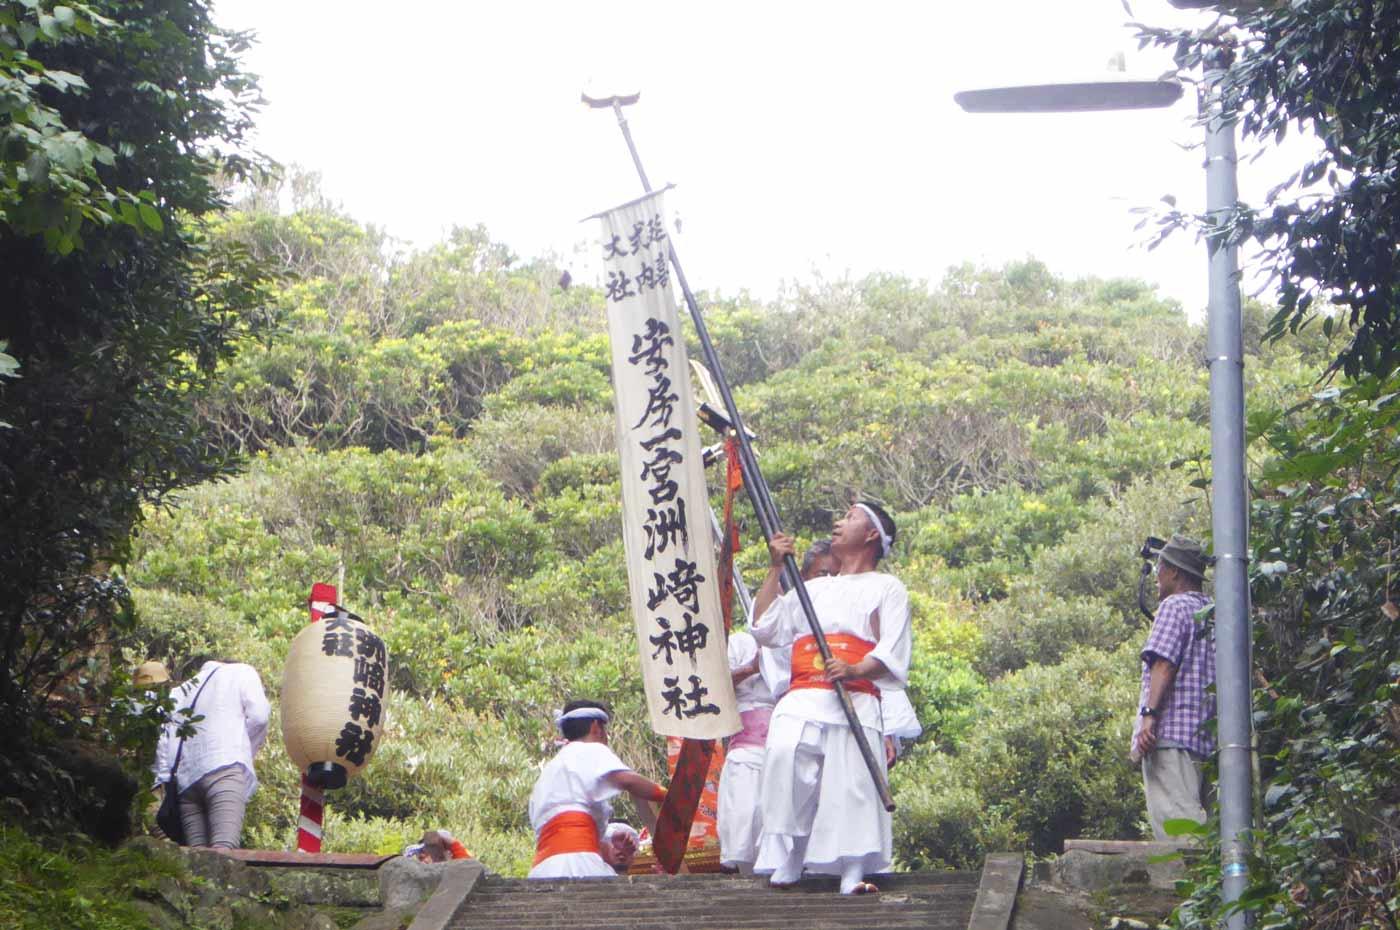 洲崎神社の宮司